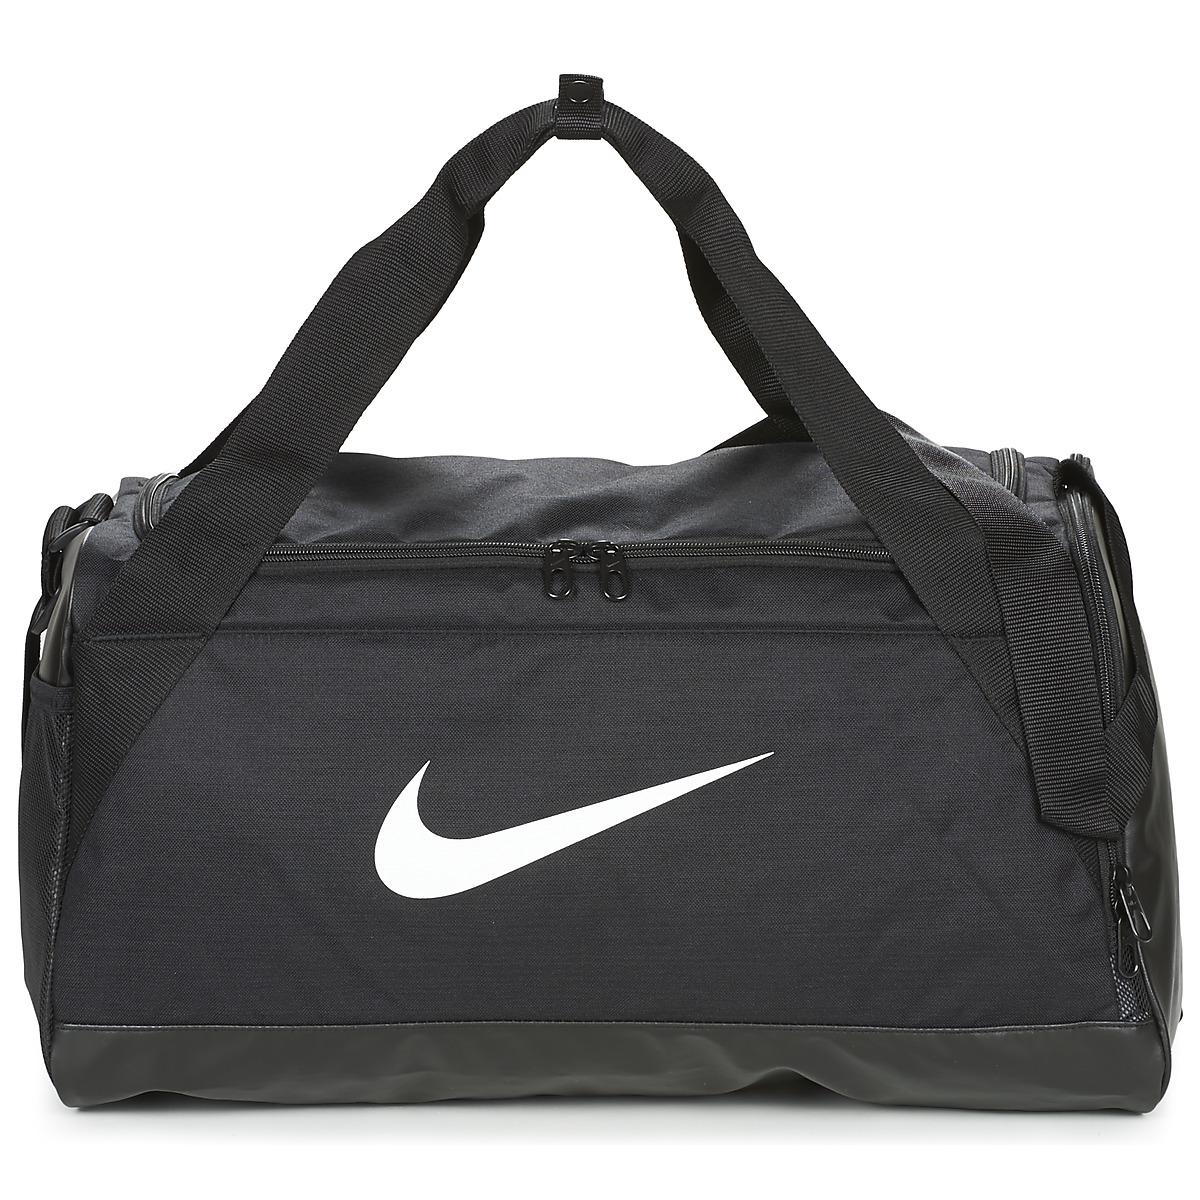 Borsa da sport donna Nike  BRASILIA (SMALL) DUFFEL BAG